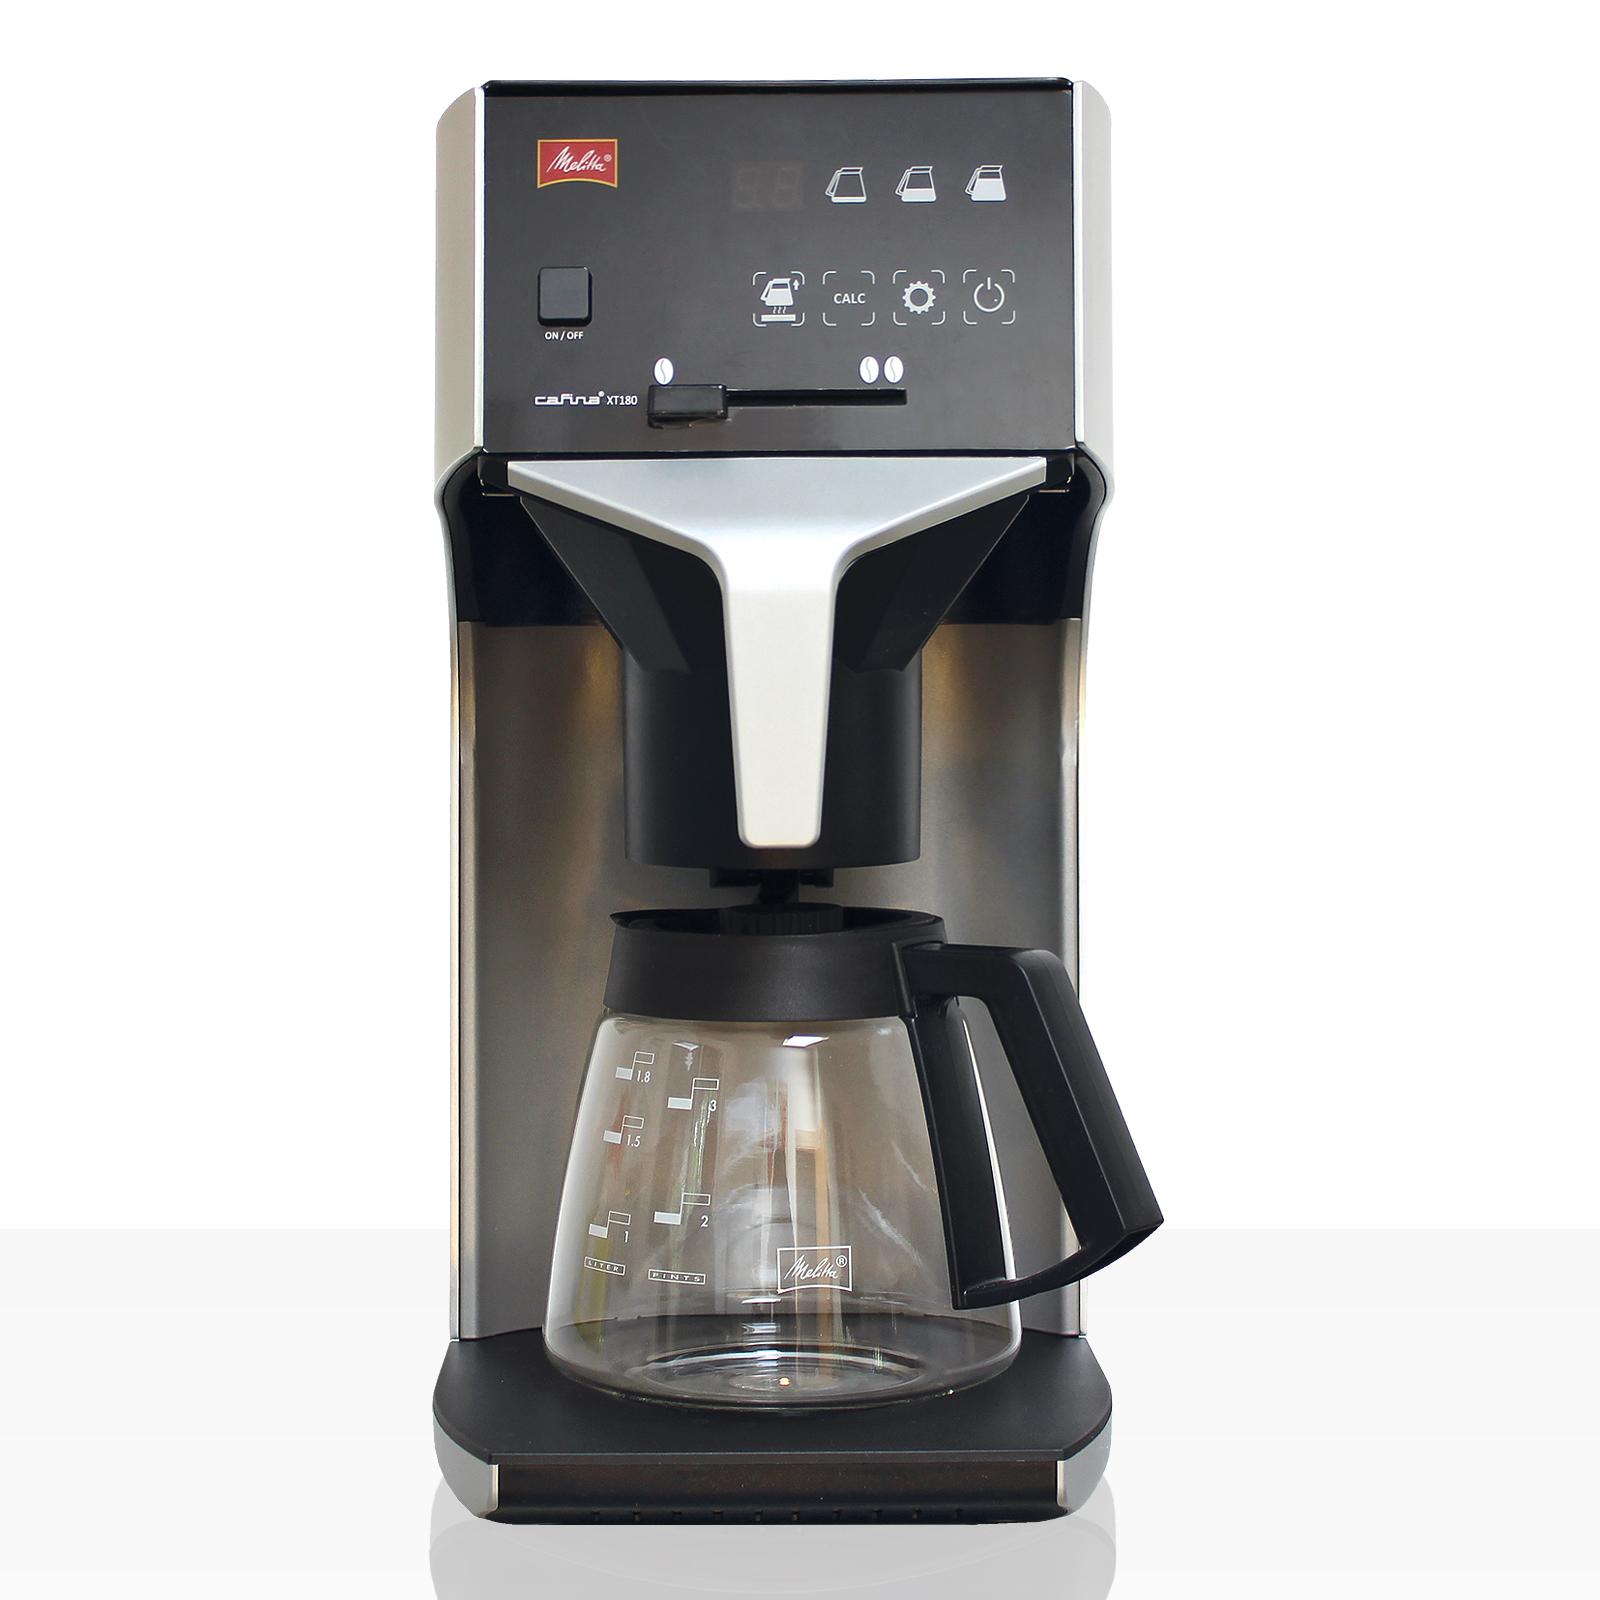 Melitta Cafina XT180 GWC Filter-Kaffeemaschine inkl. Glaskanne 1,8l